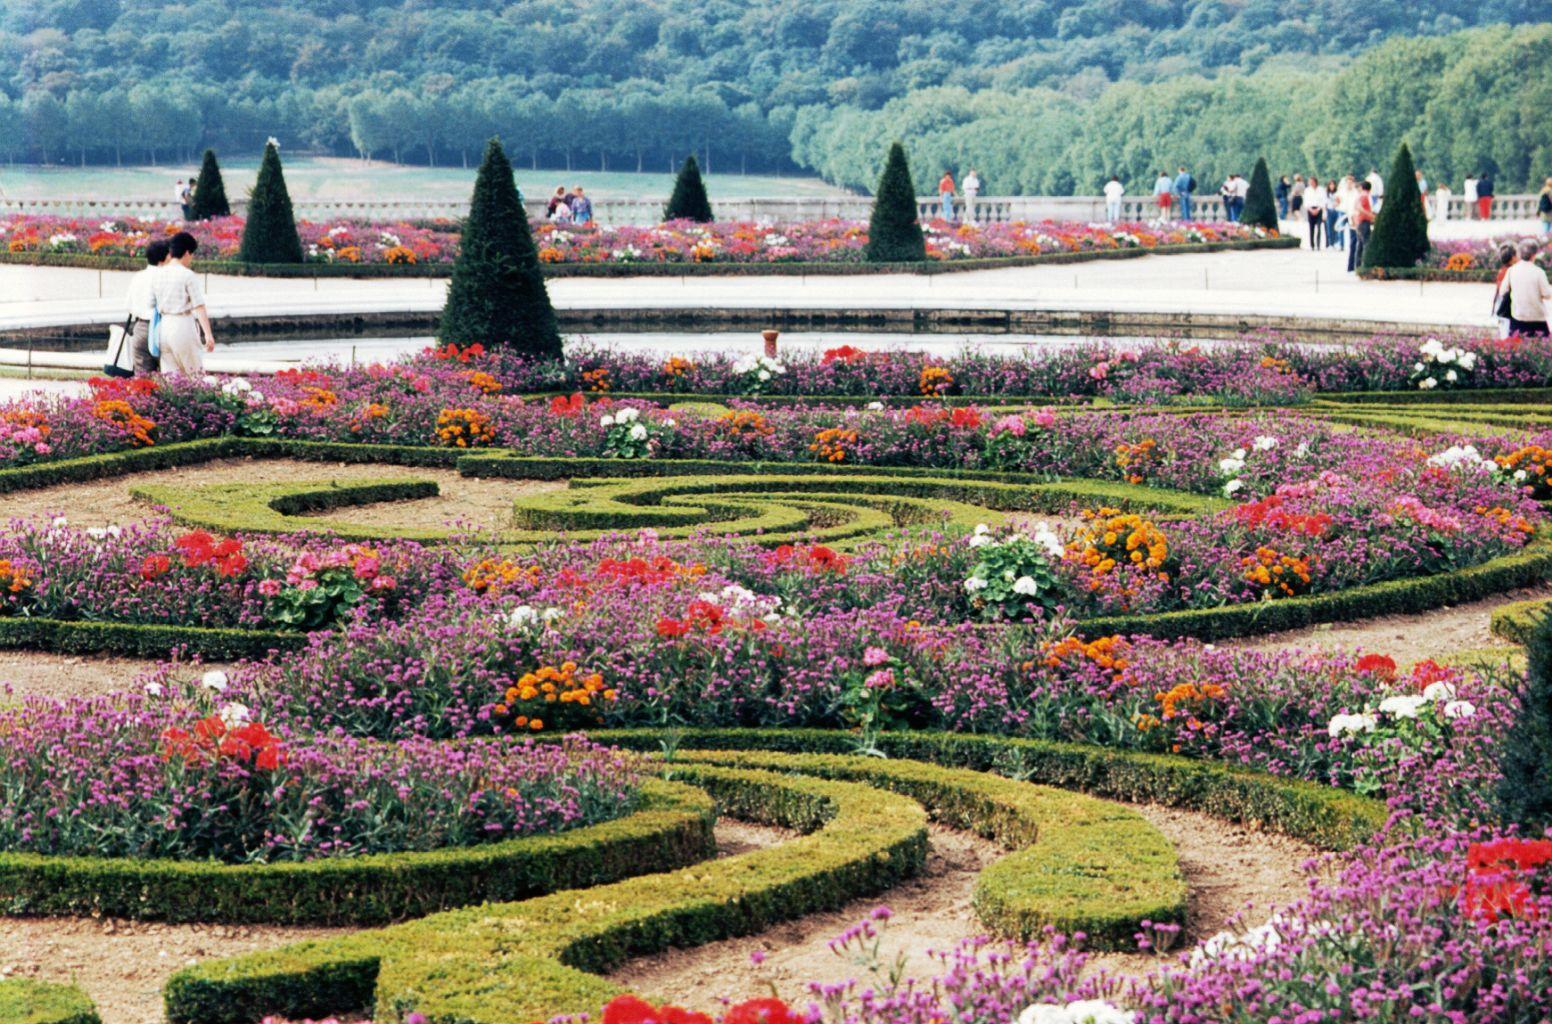 http://1.bp.blogspot.com/-e1HrUsYiwak/Ttzqve35g9I/AAAAAAAABJQ/K1mWW3tsb24/s1600/garden-wallpaper-12-761275.jpg